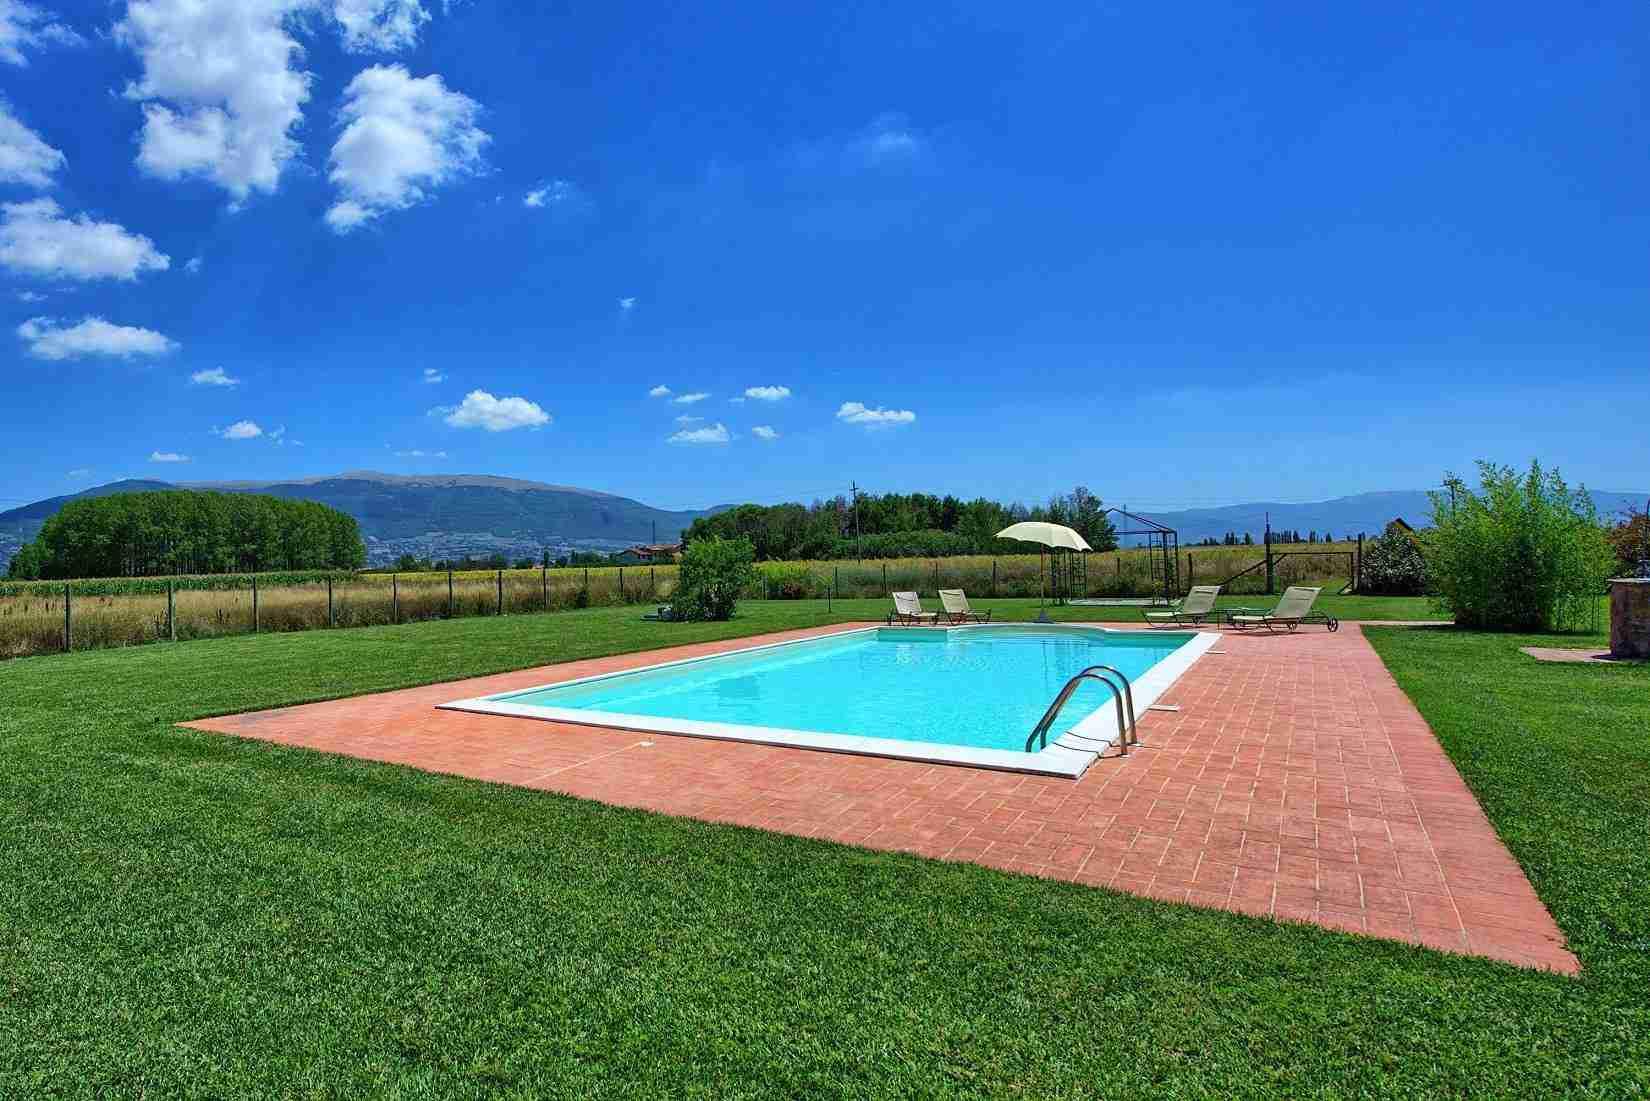 12 Assisi pool